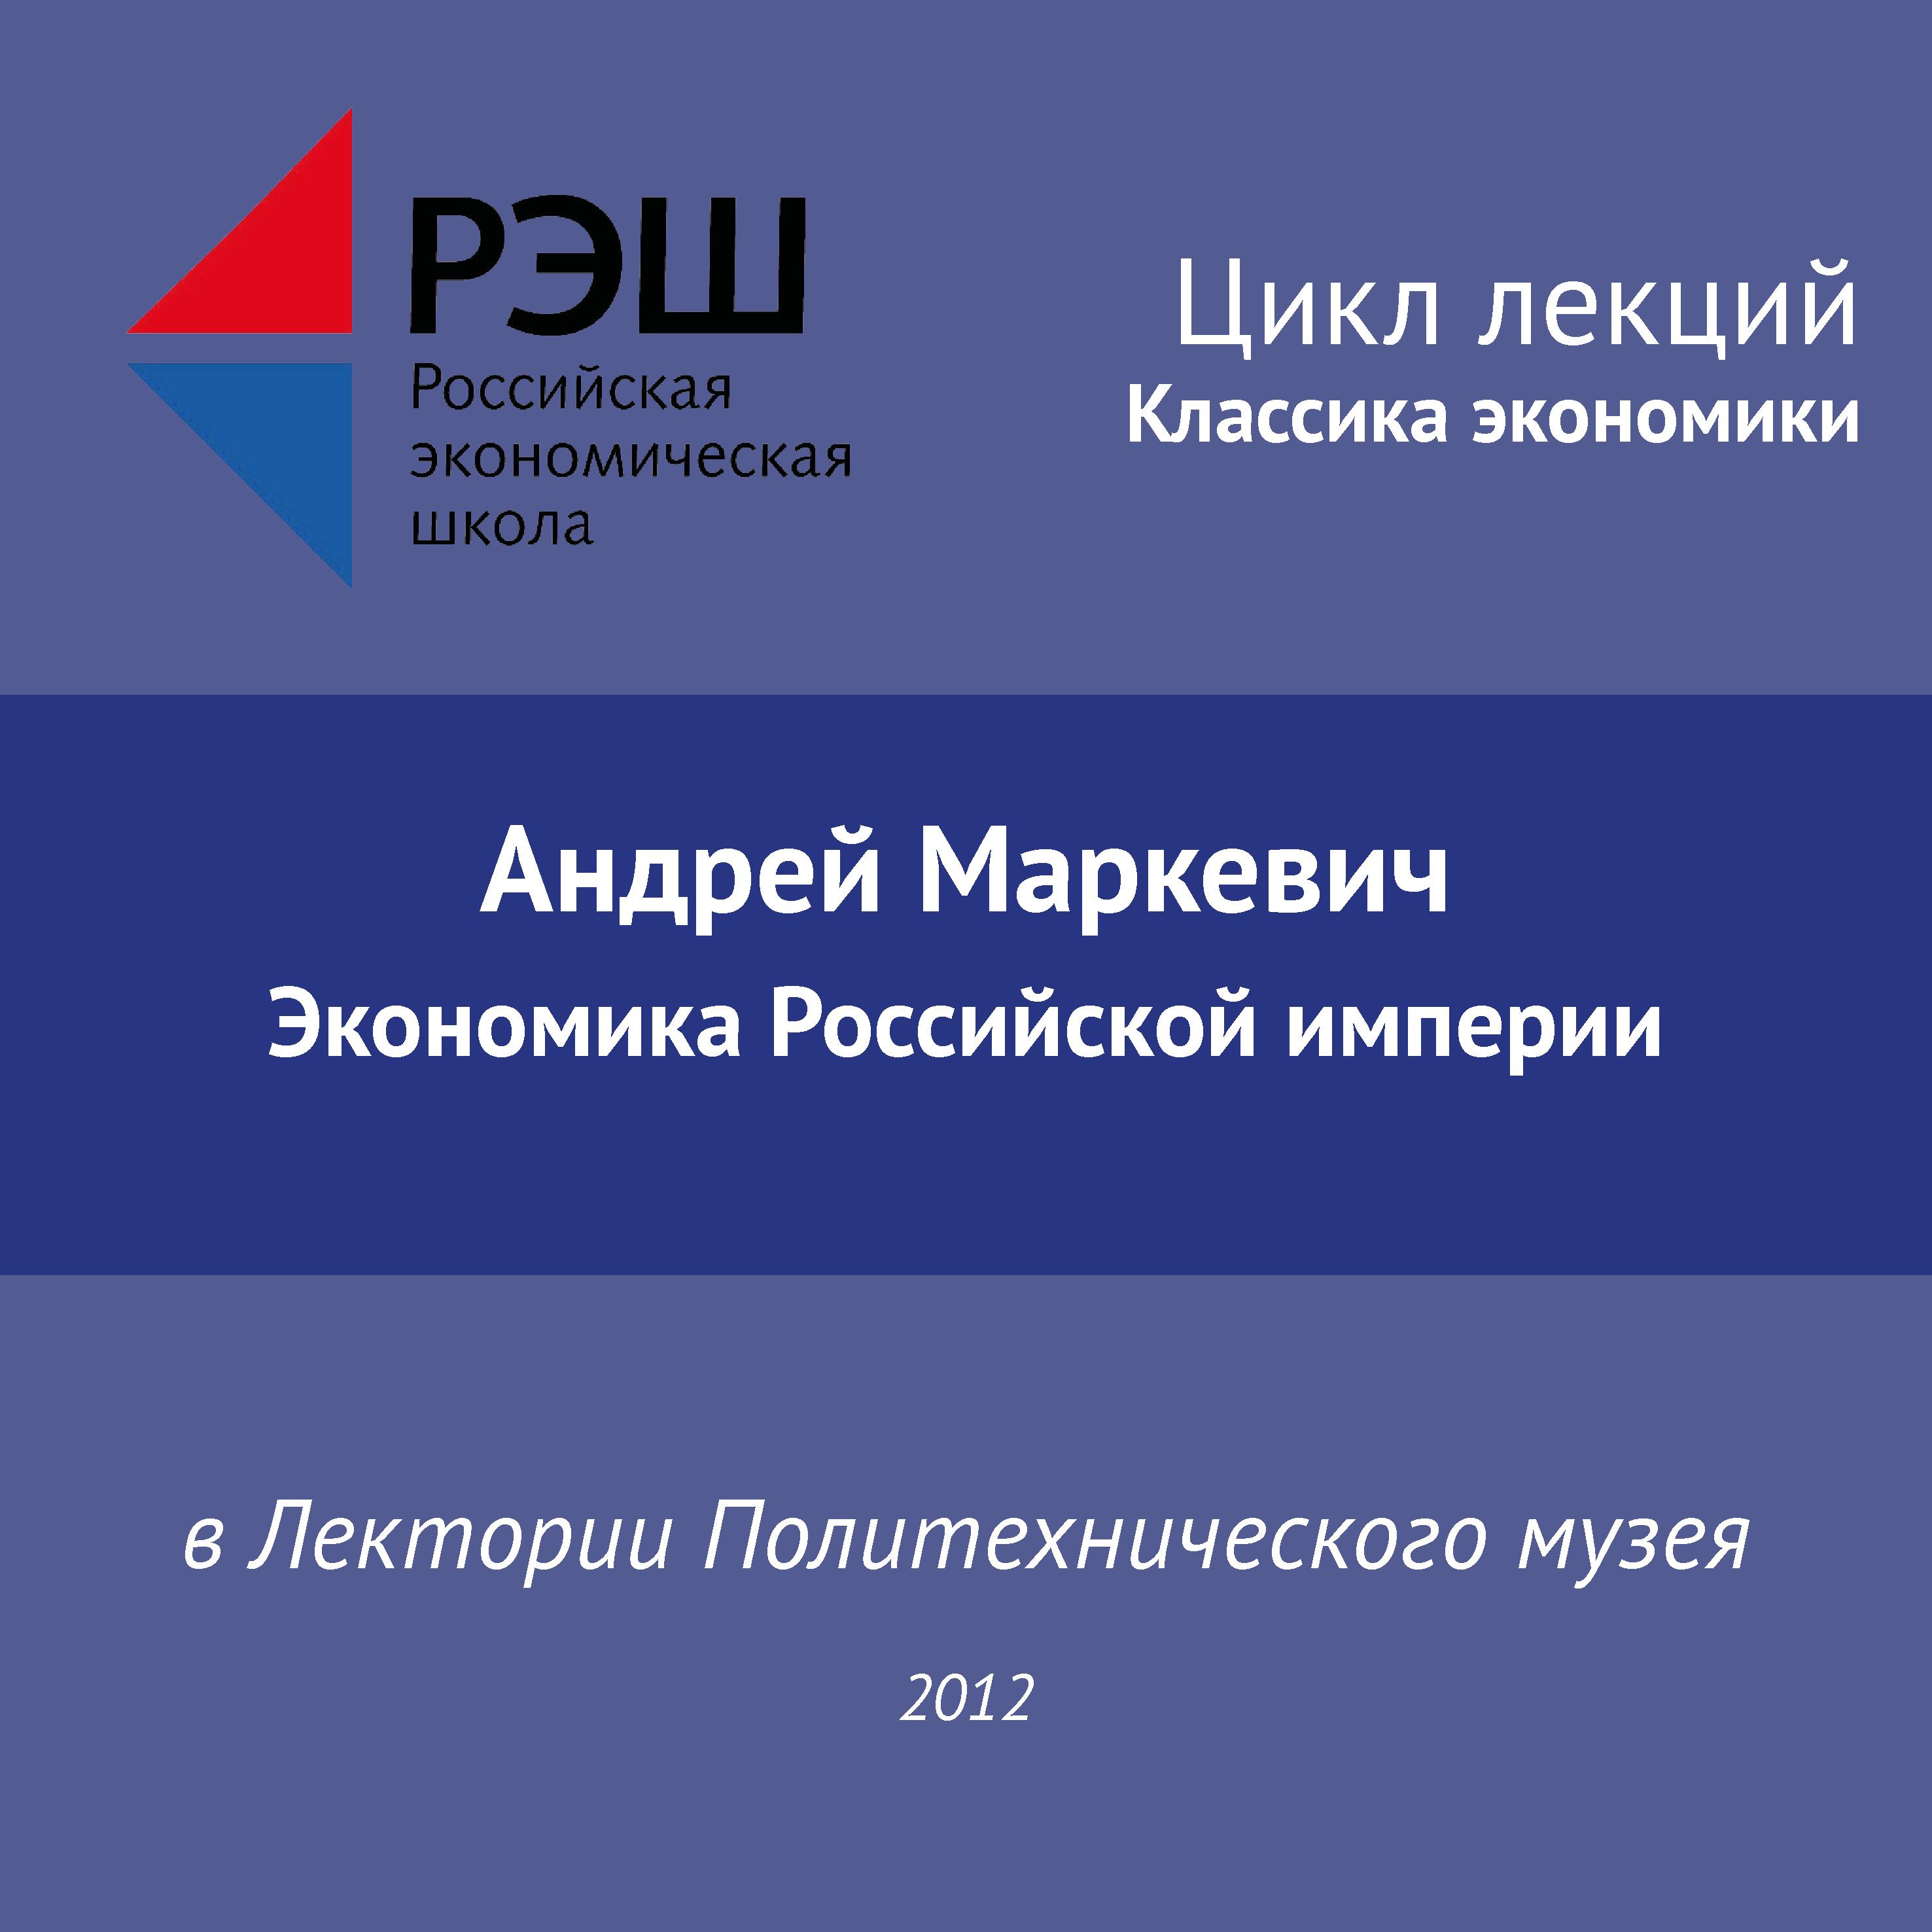 Андрей Маркевич Лекция №02 «Андрей Маркевич. Экономика Российской империи»